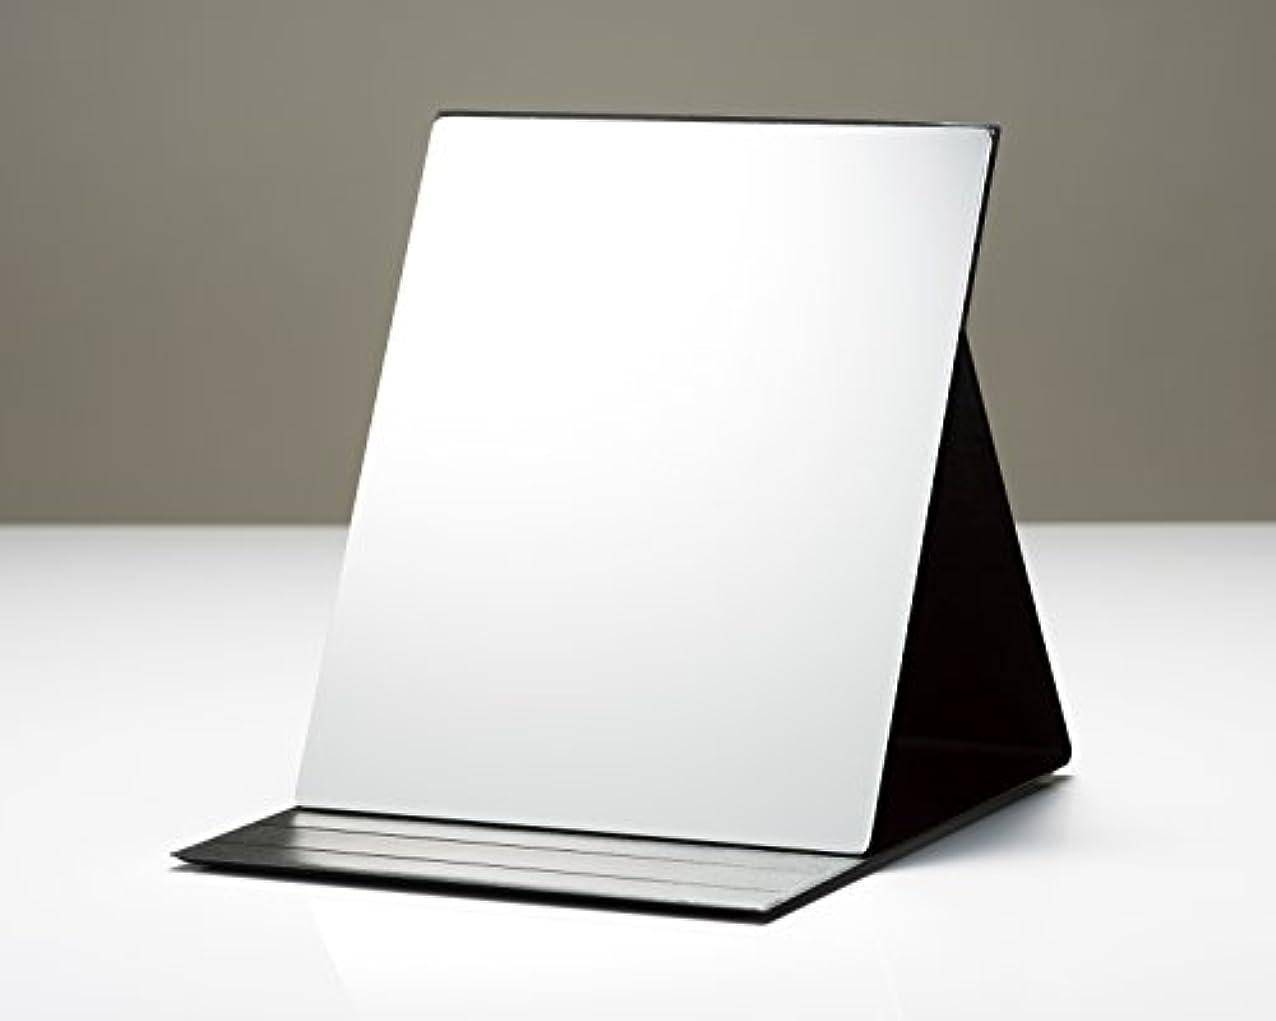 望み石製作割れないミラー いきいきミラー折立(3L)